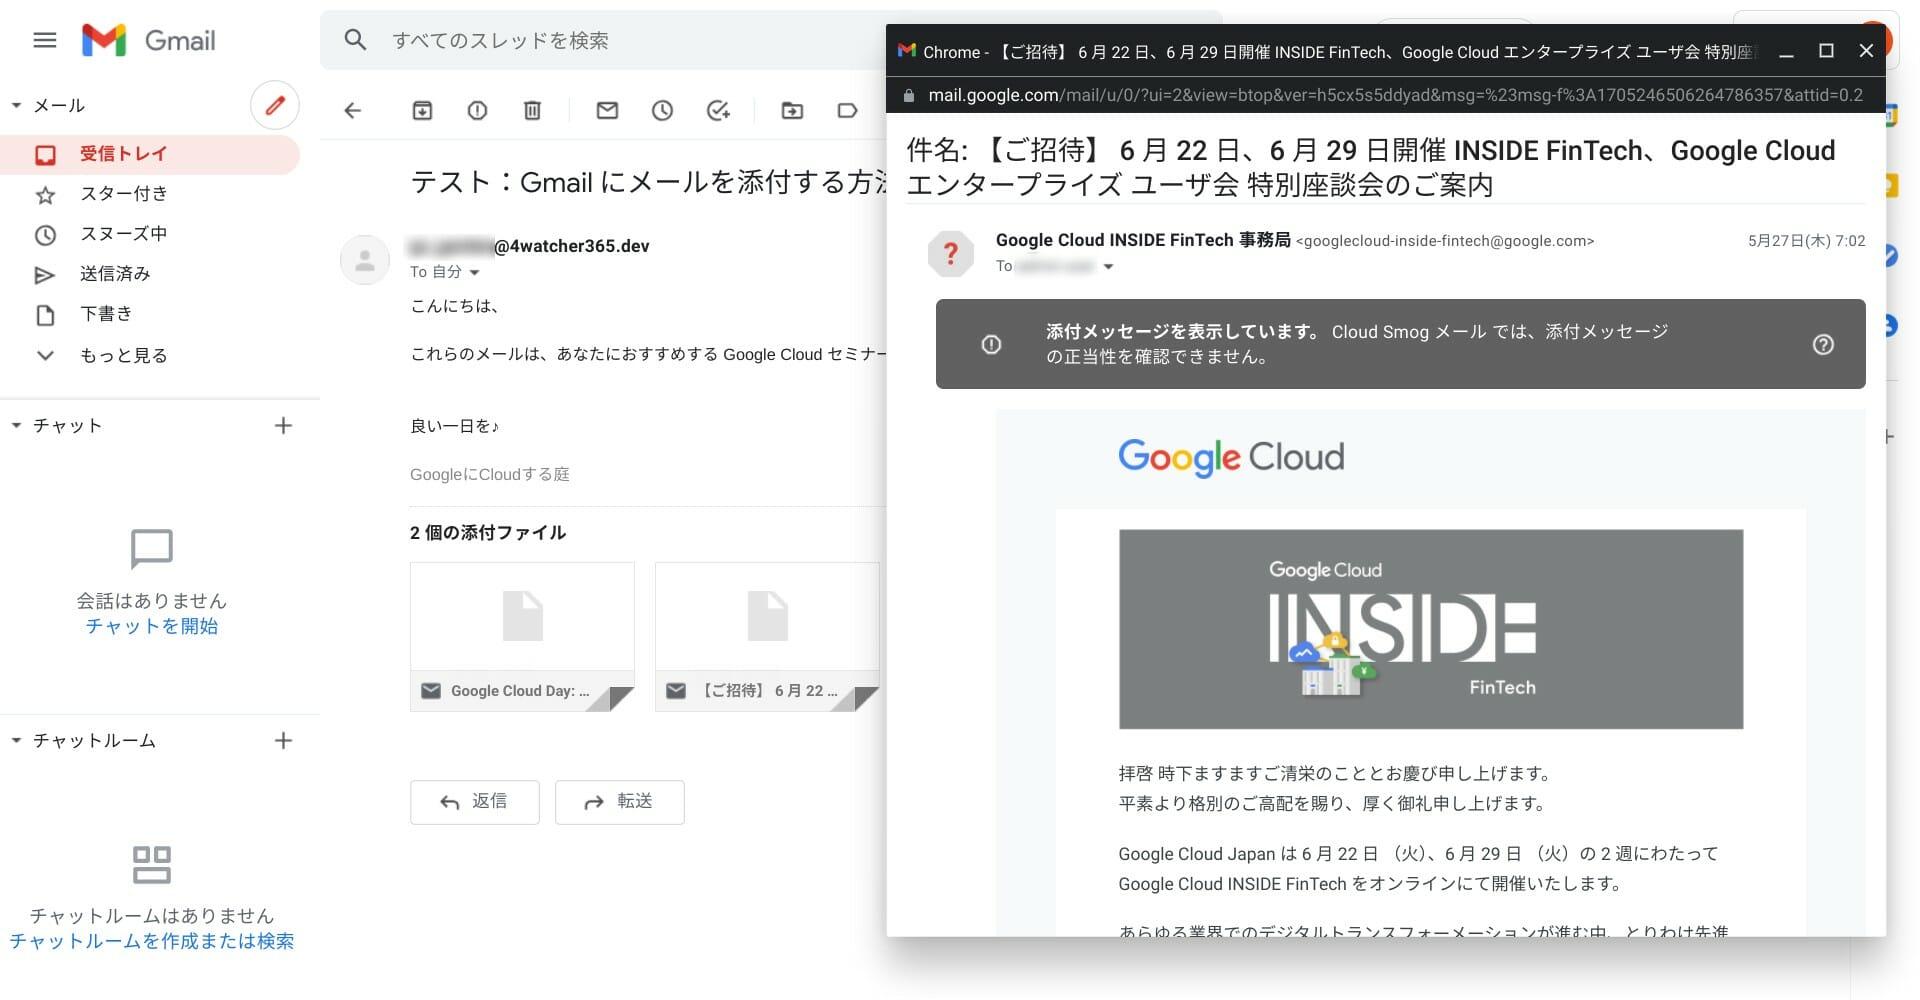 Gmail:受け取ったメールにメールが添付されている